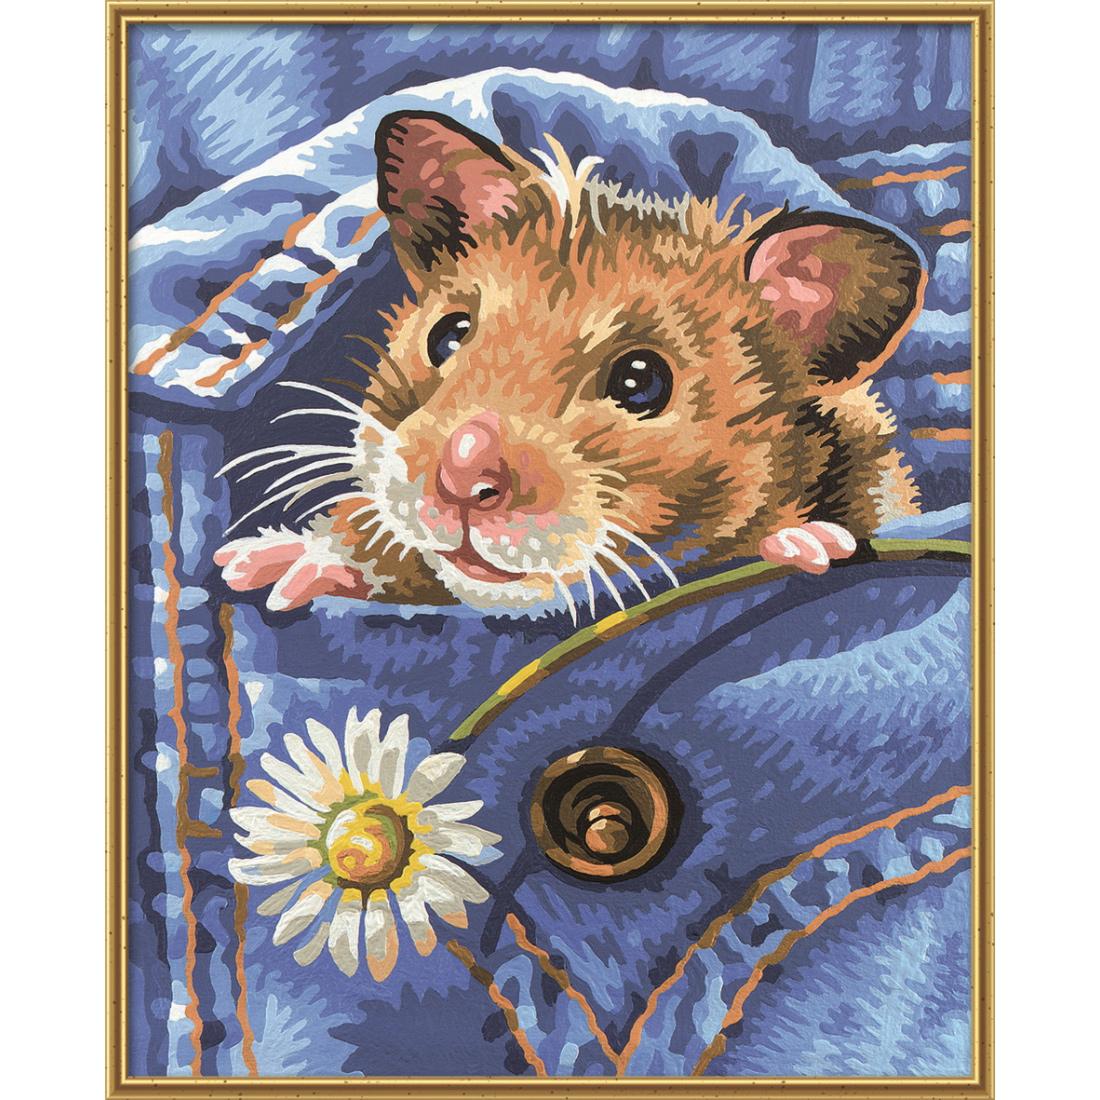 malen nach zahlen schipper f r kinder mucki der hamster malvorlage tier vorlage ebay. Black Bedroom Furniture Sets. Home Design Ideas